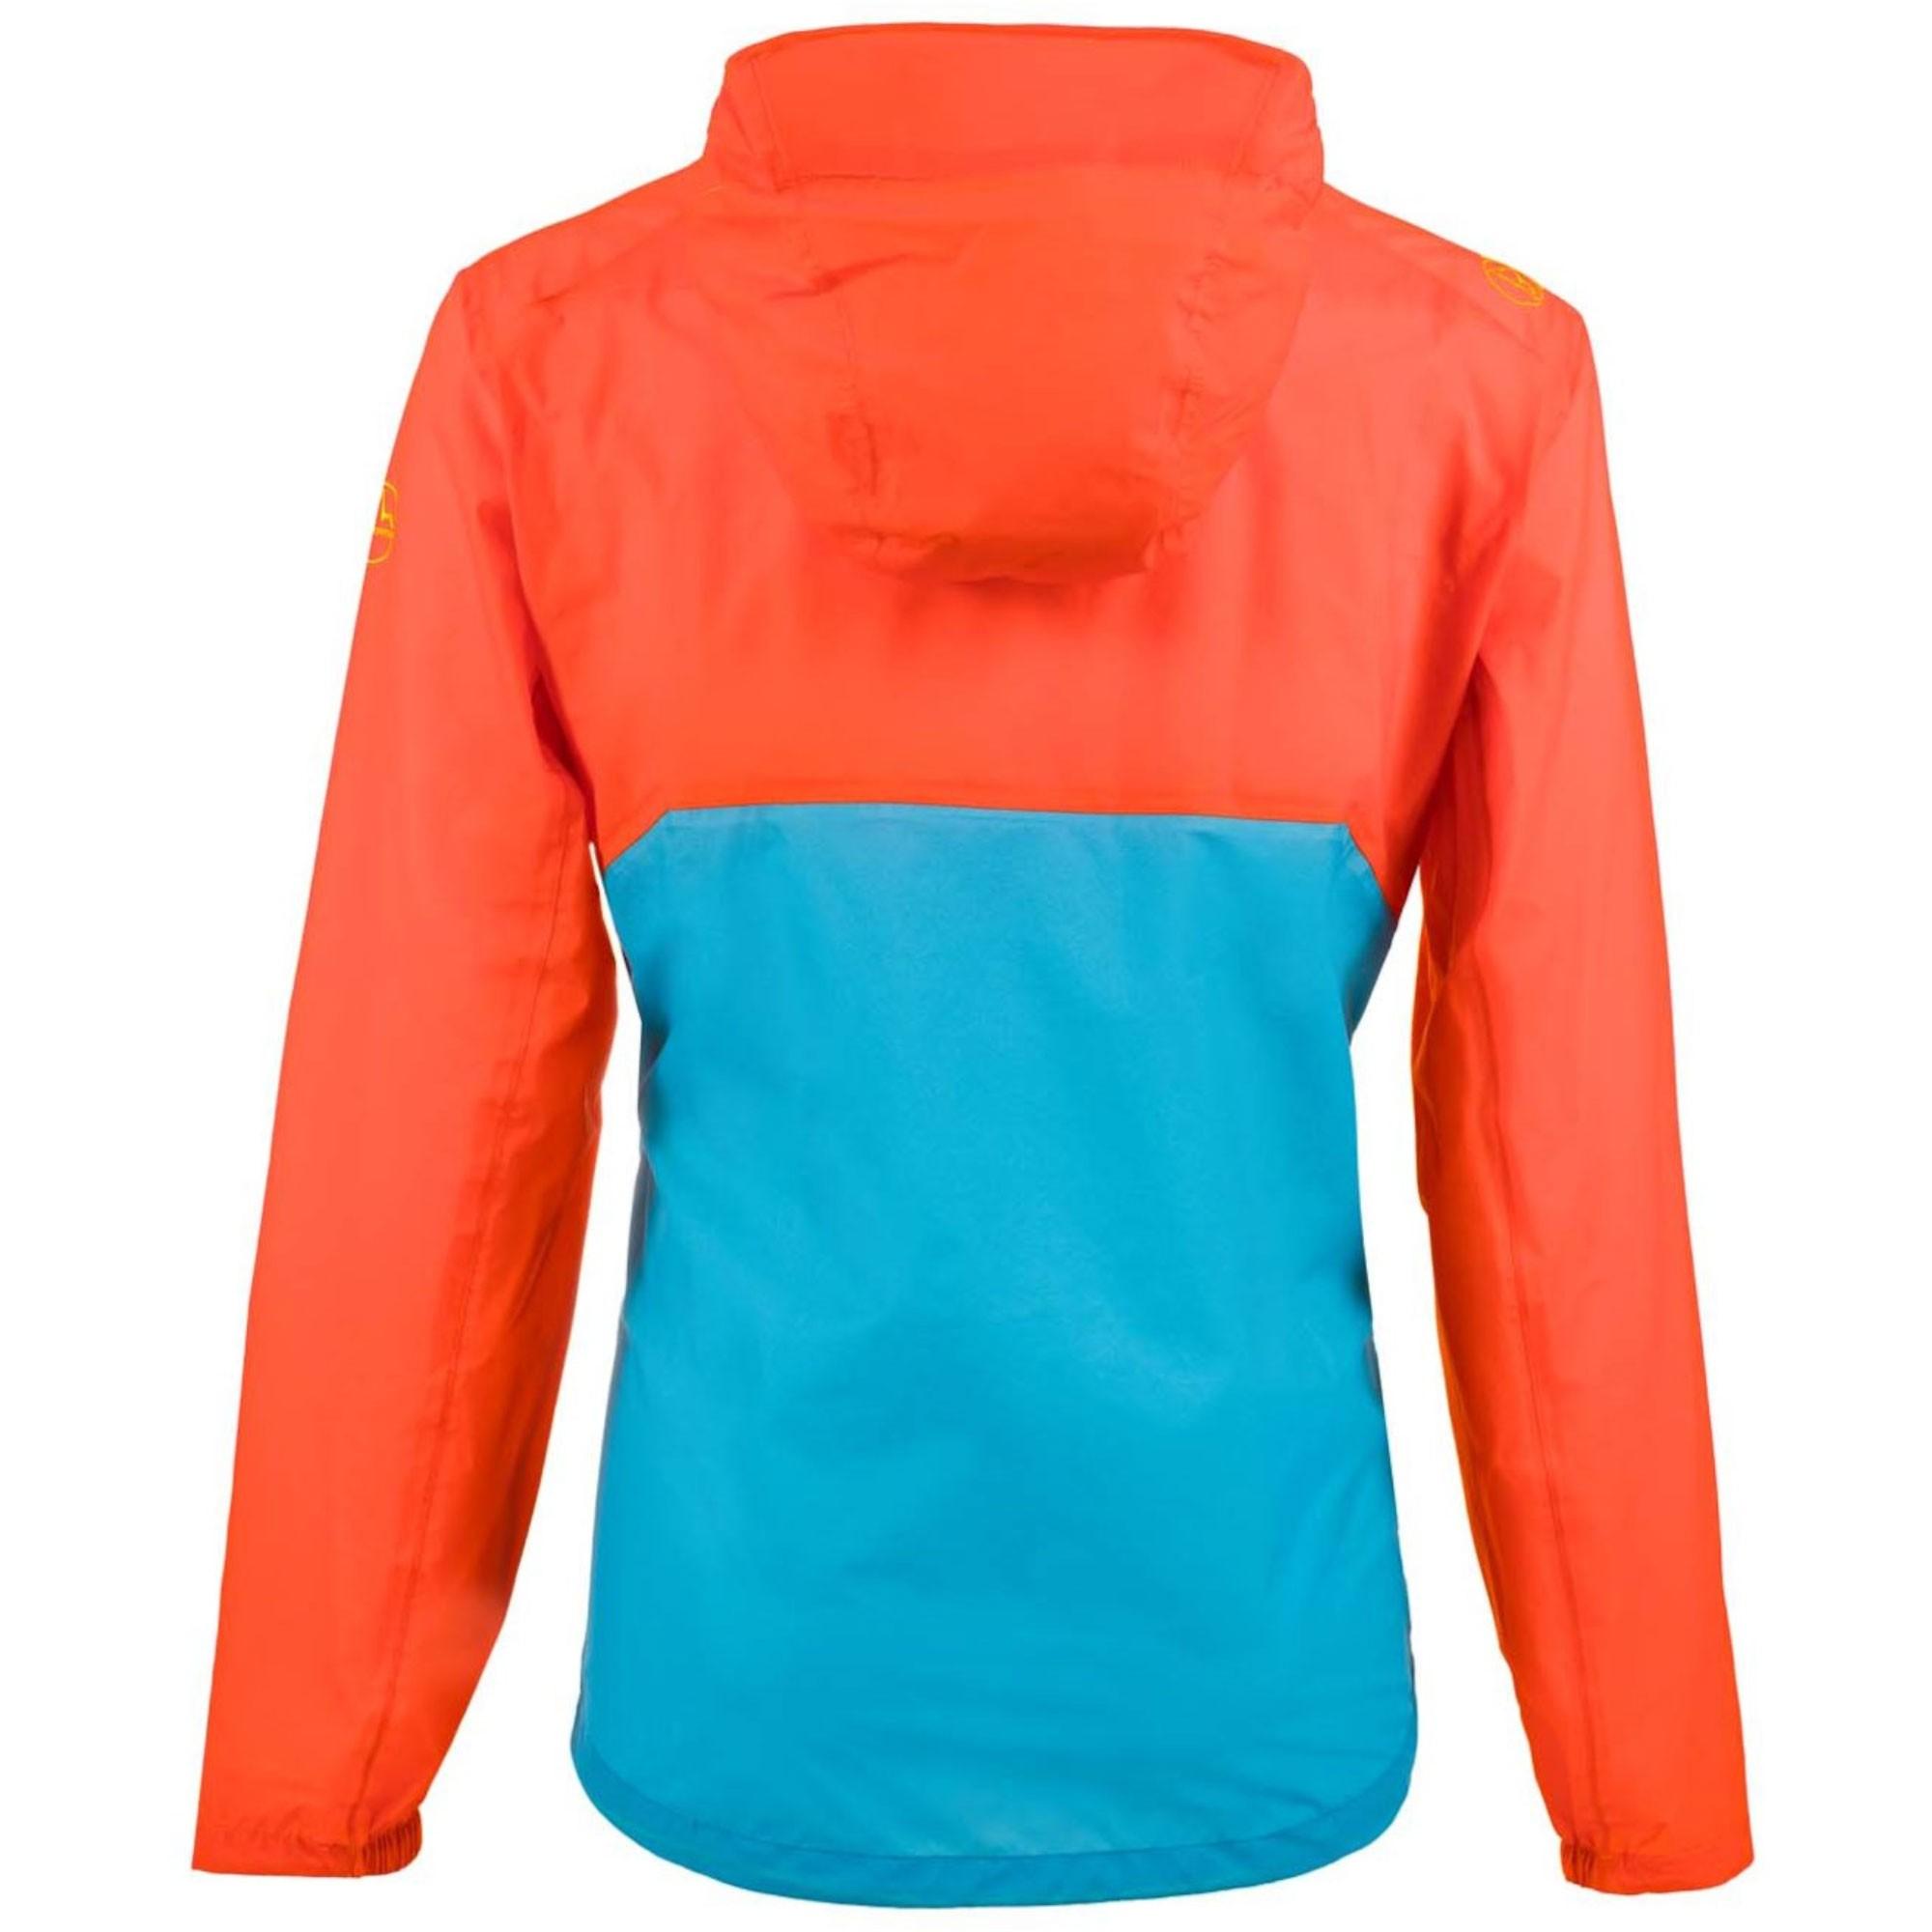 LA SPORTIVA Hail Waterproof Jacket - Pumpkin/Tropic Blue - back